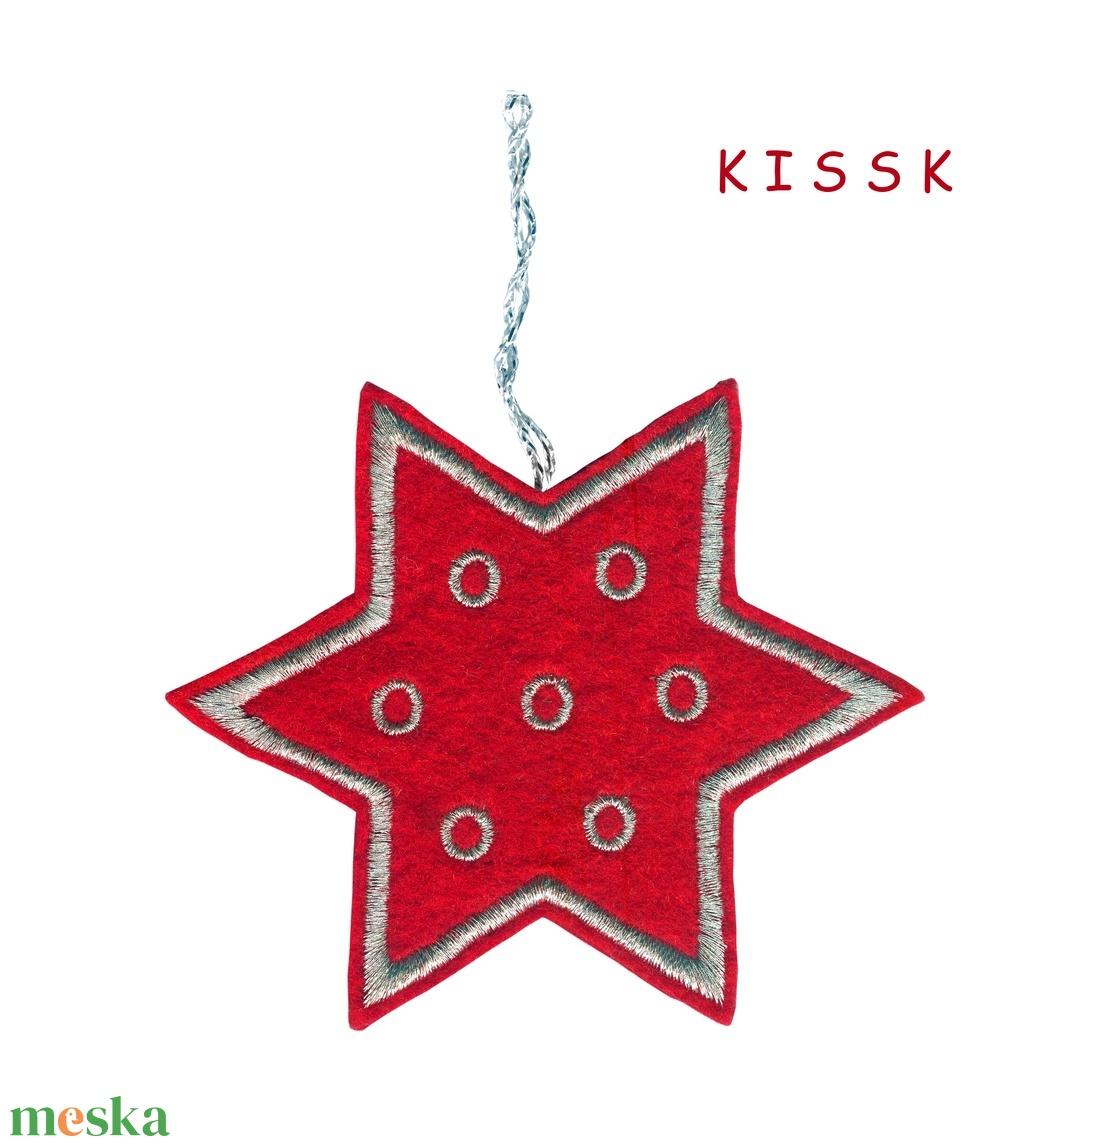 Piros - ezüst csillag karácsonyfa dísz (KISSK) - Meska.hu